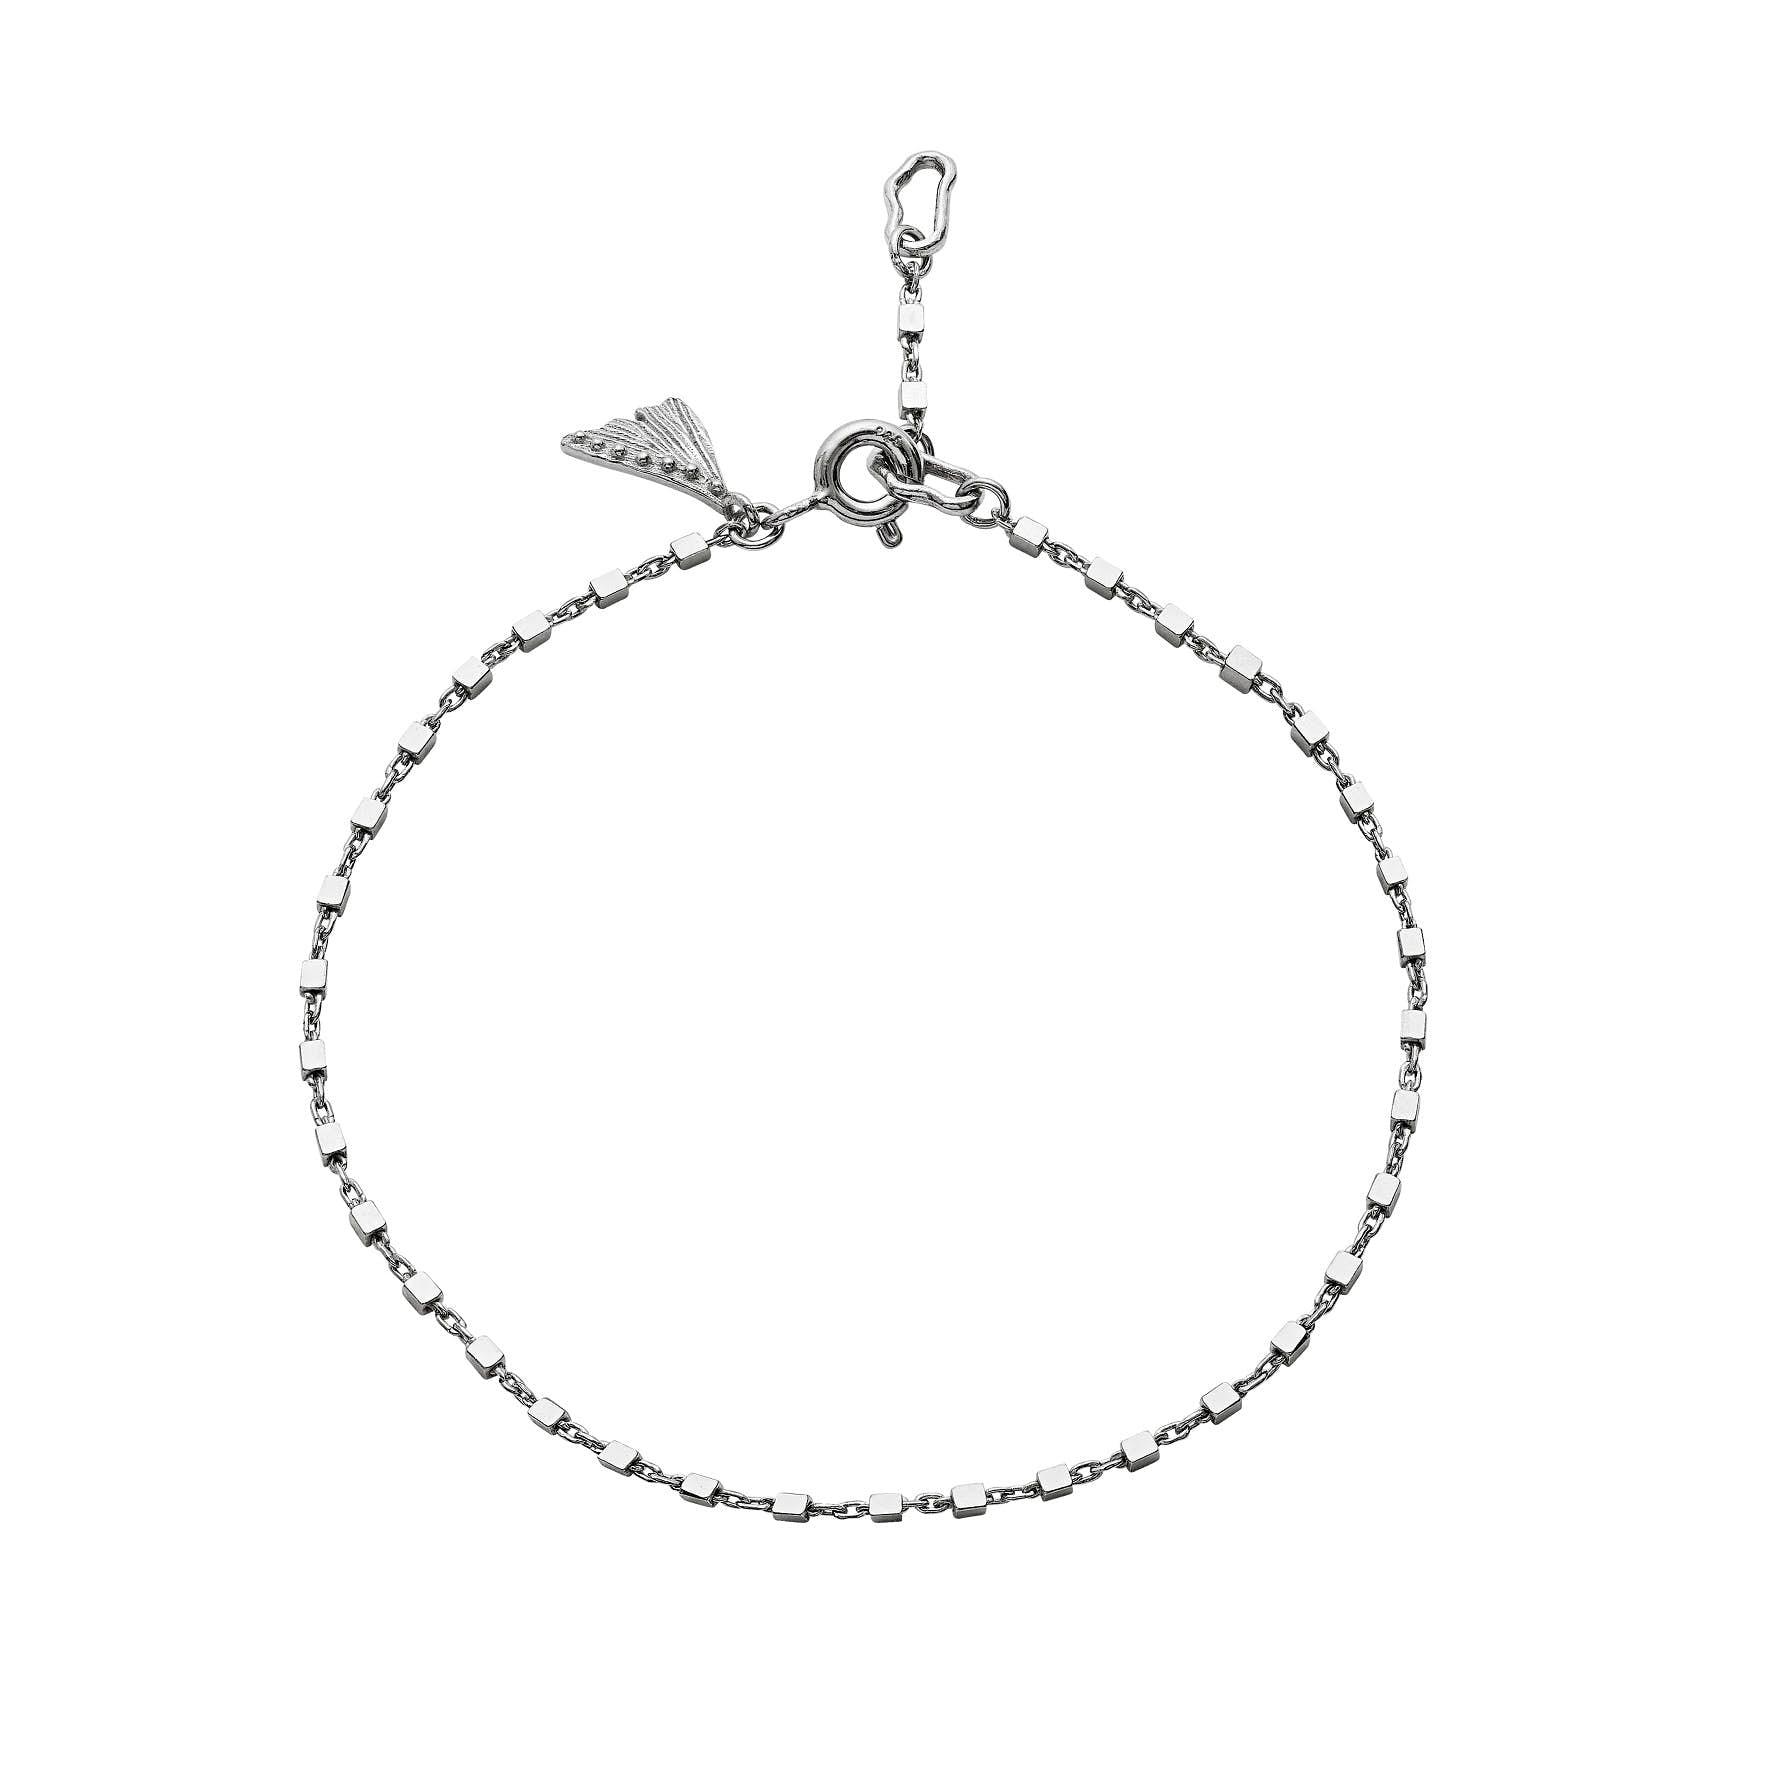 Liviana Bracelet från Maanesten i Silver Sterling 925